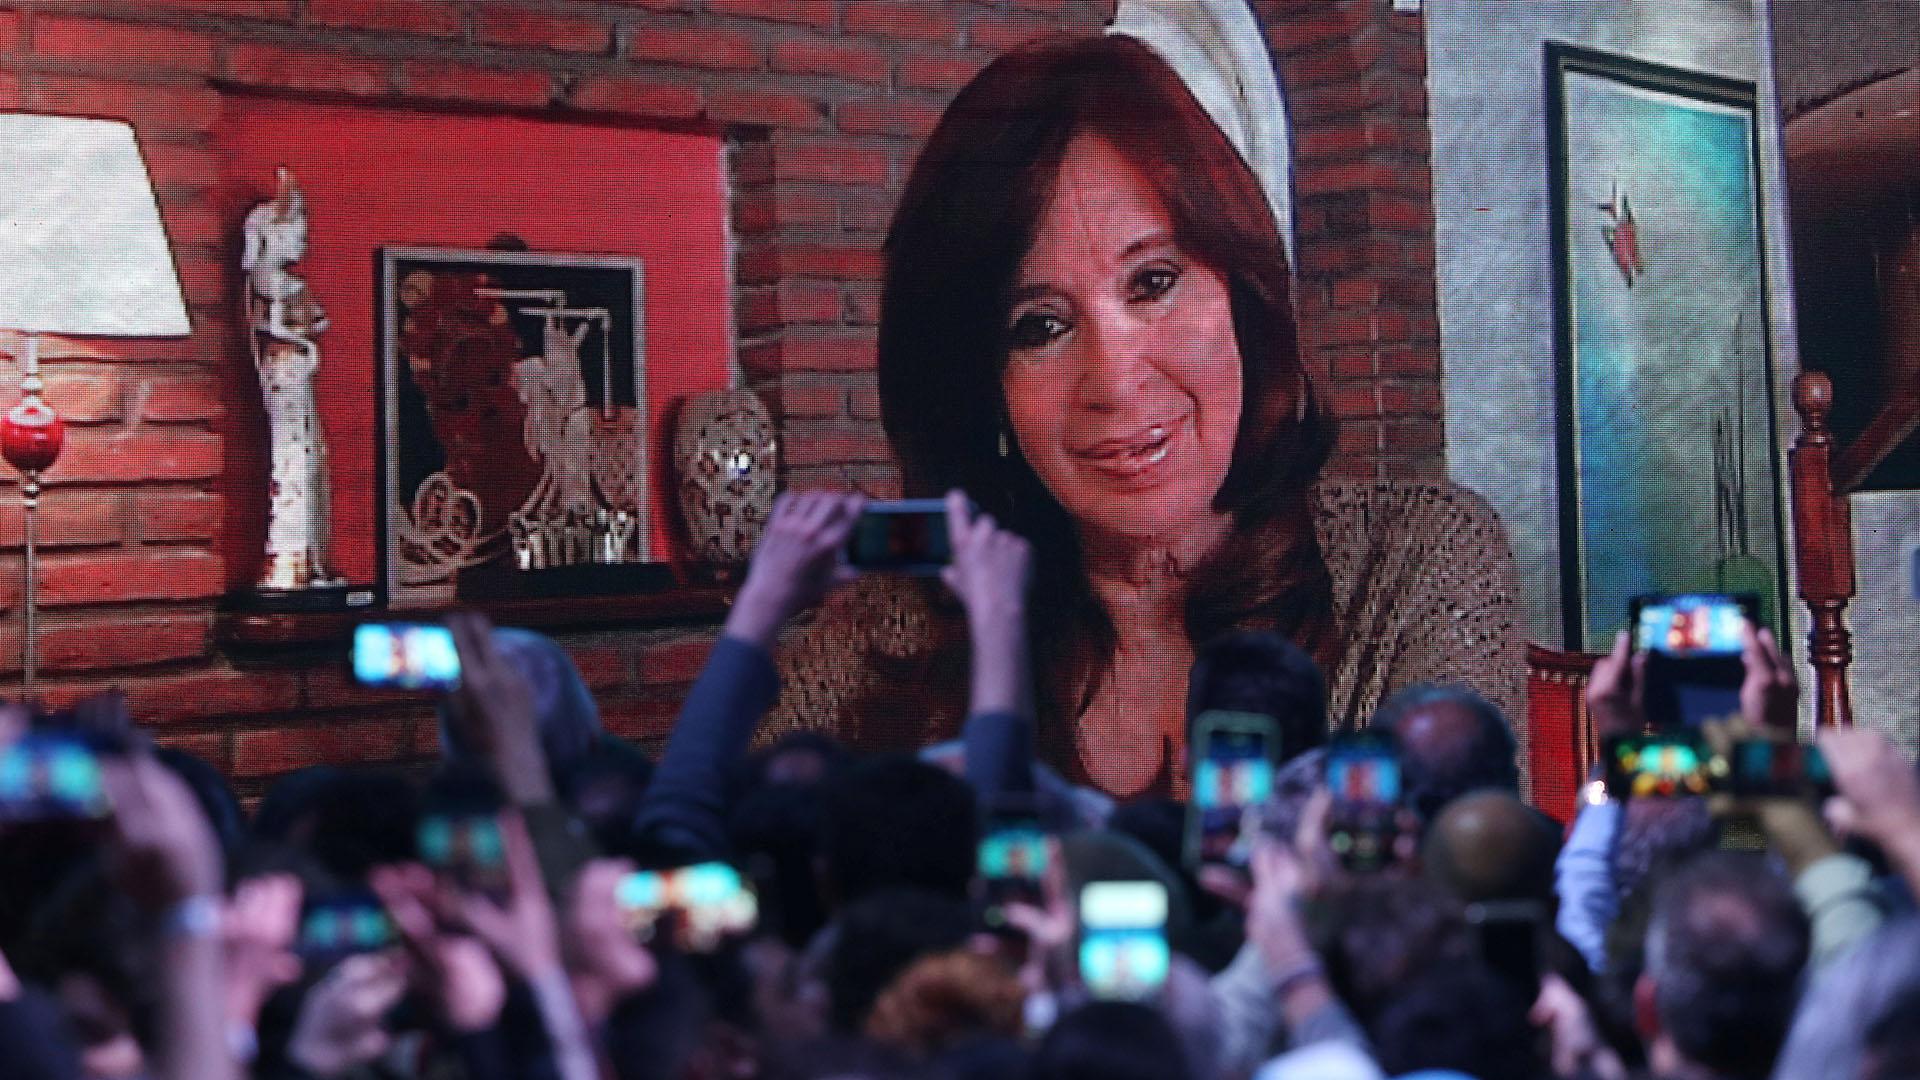 Fotos y más fotos a la pantalla gigante del búnker de Frente de Todos durante el video grabado de la candidata a vicepresidente, Cristina Kirchner(REUTERS/Agustin Marcarian)